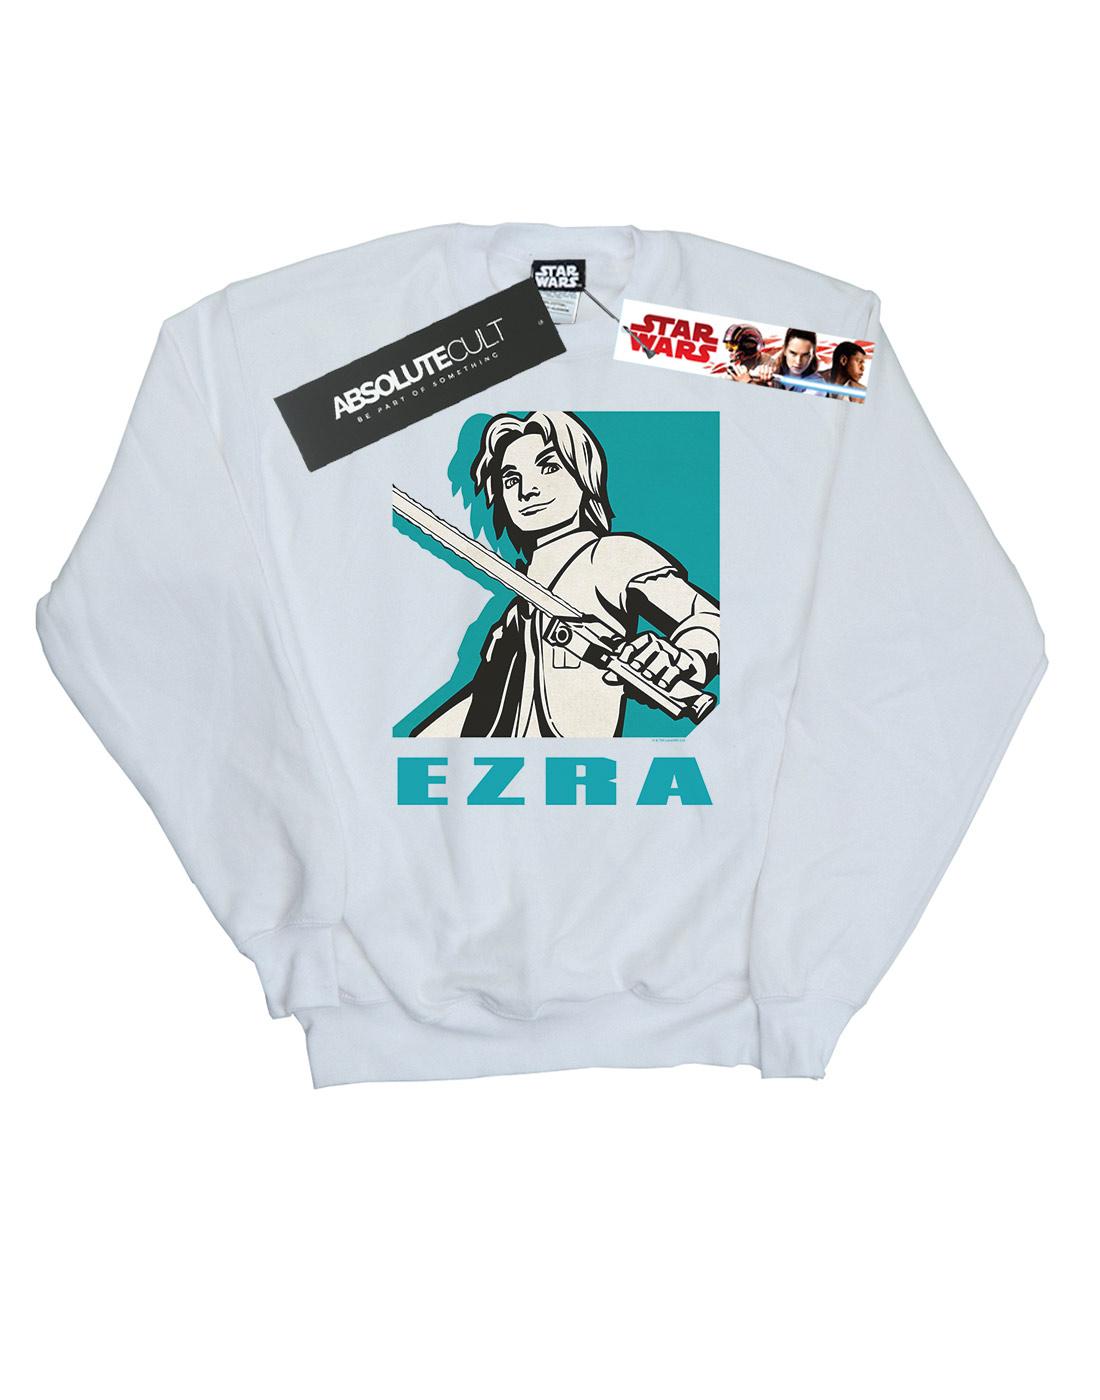 Star Wars Herren Rebels Ezra Sweatshirt Sweatshirt Sweatshirt | Diversified In Packaging  f8629d